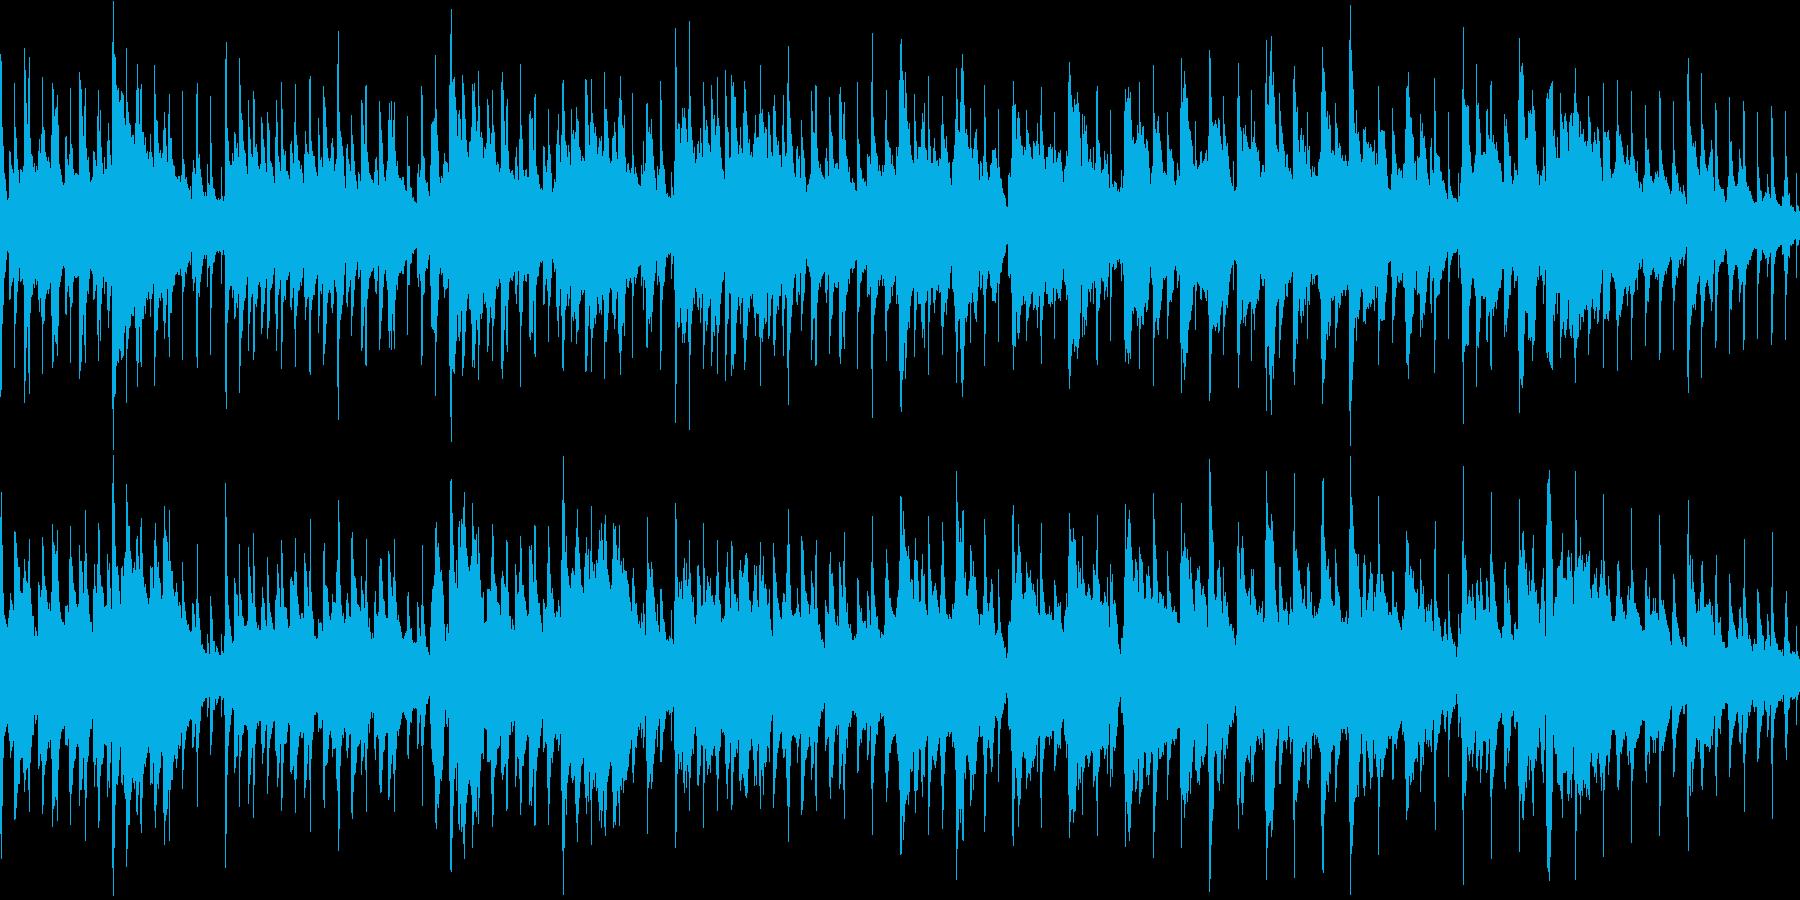 軽快でかわいい雰囲気のジャジーな曲の再生済みの波形